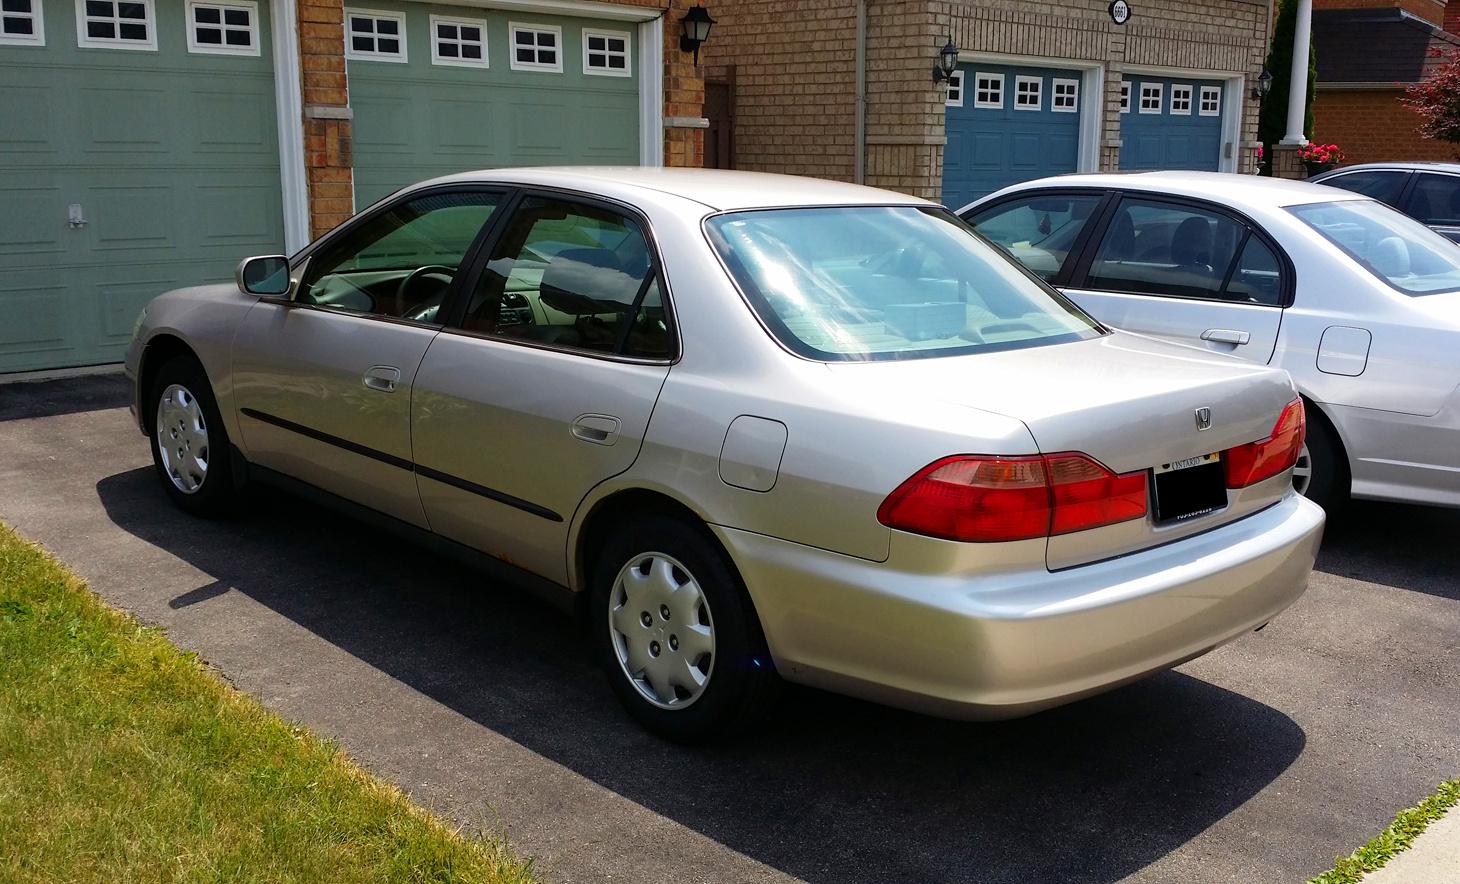 1999 Honda Accord Pictures Cargurus